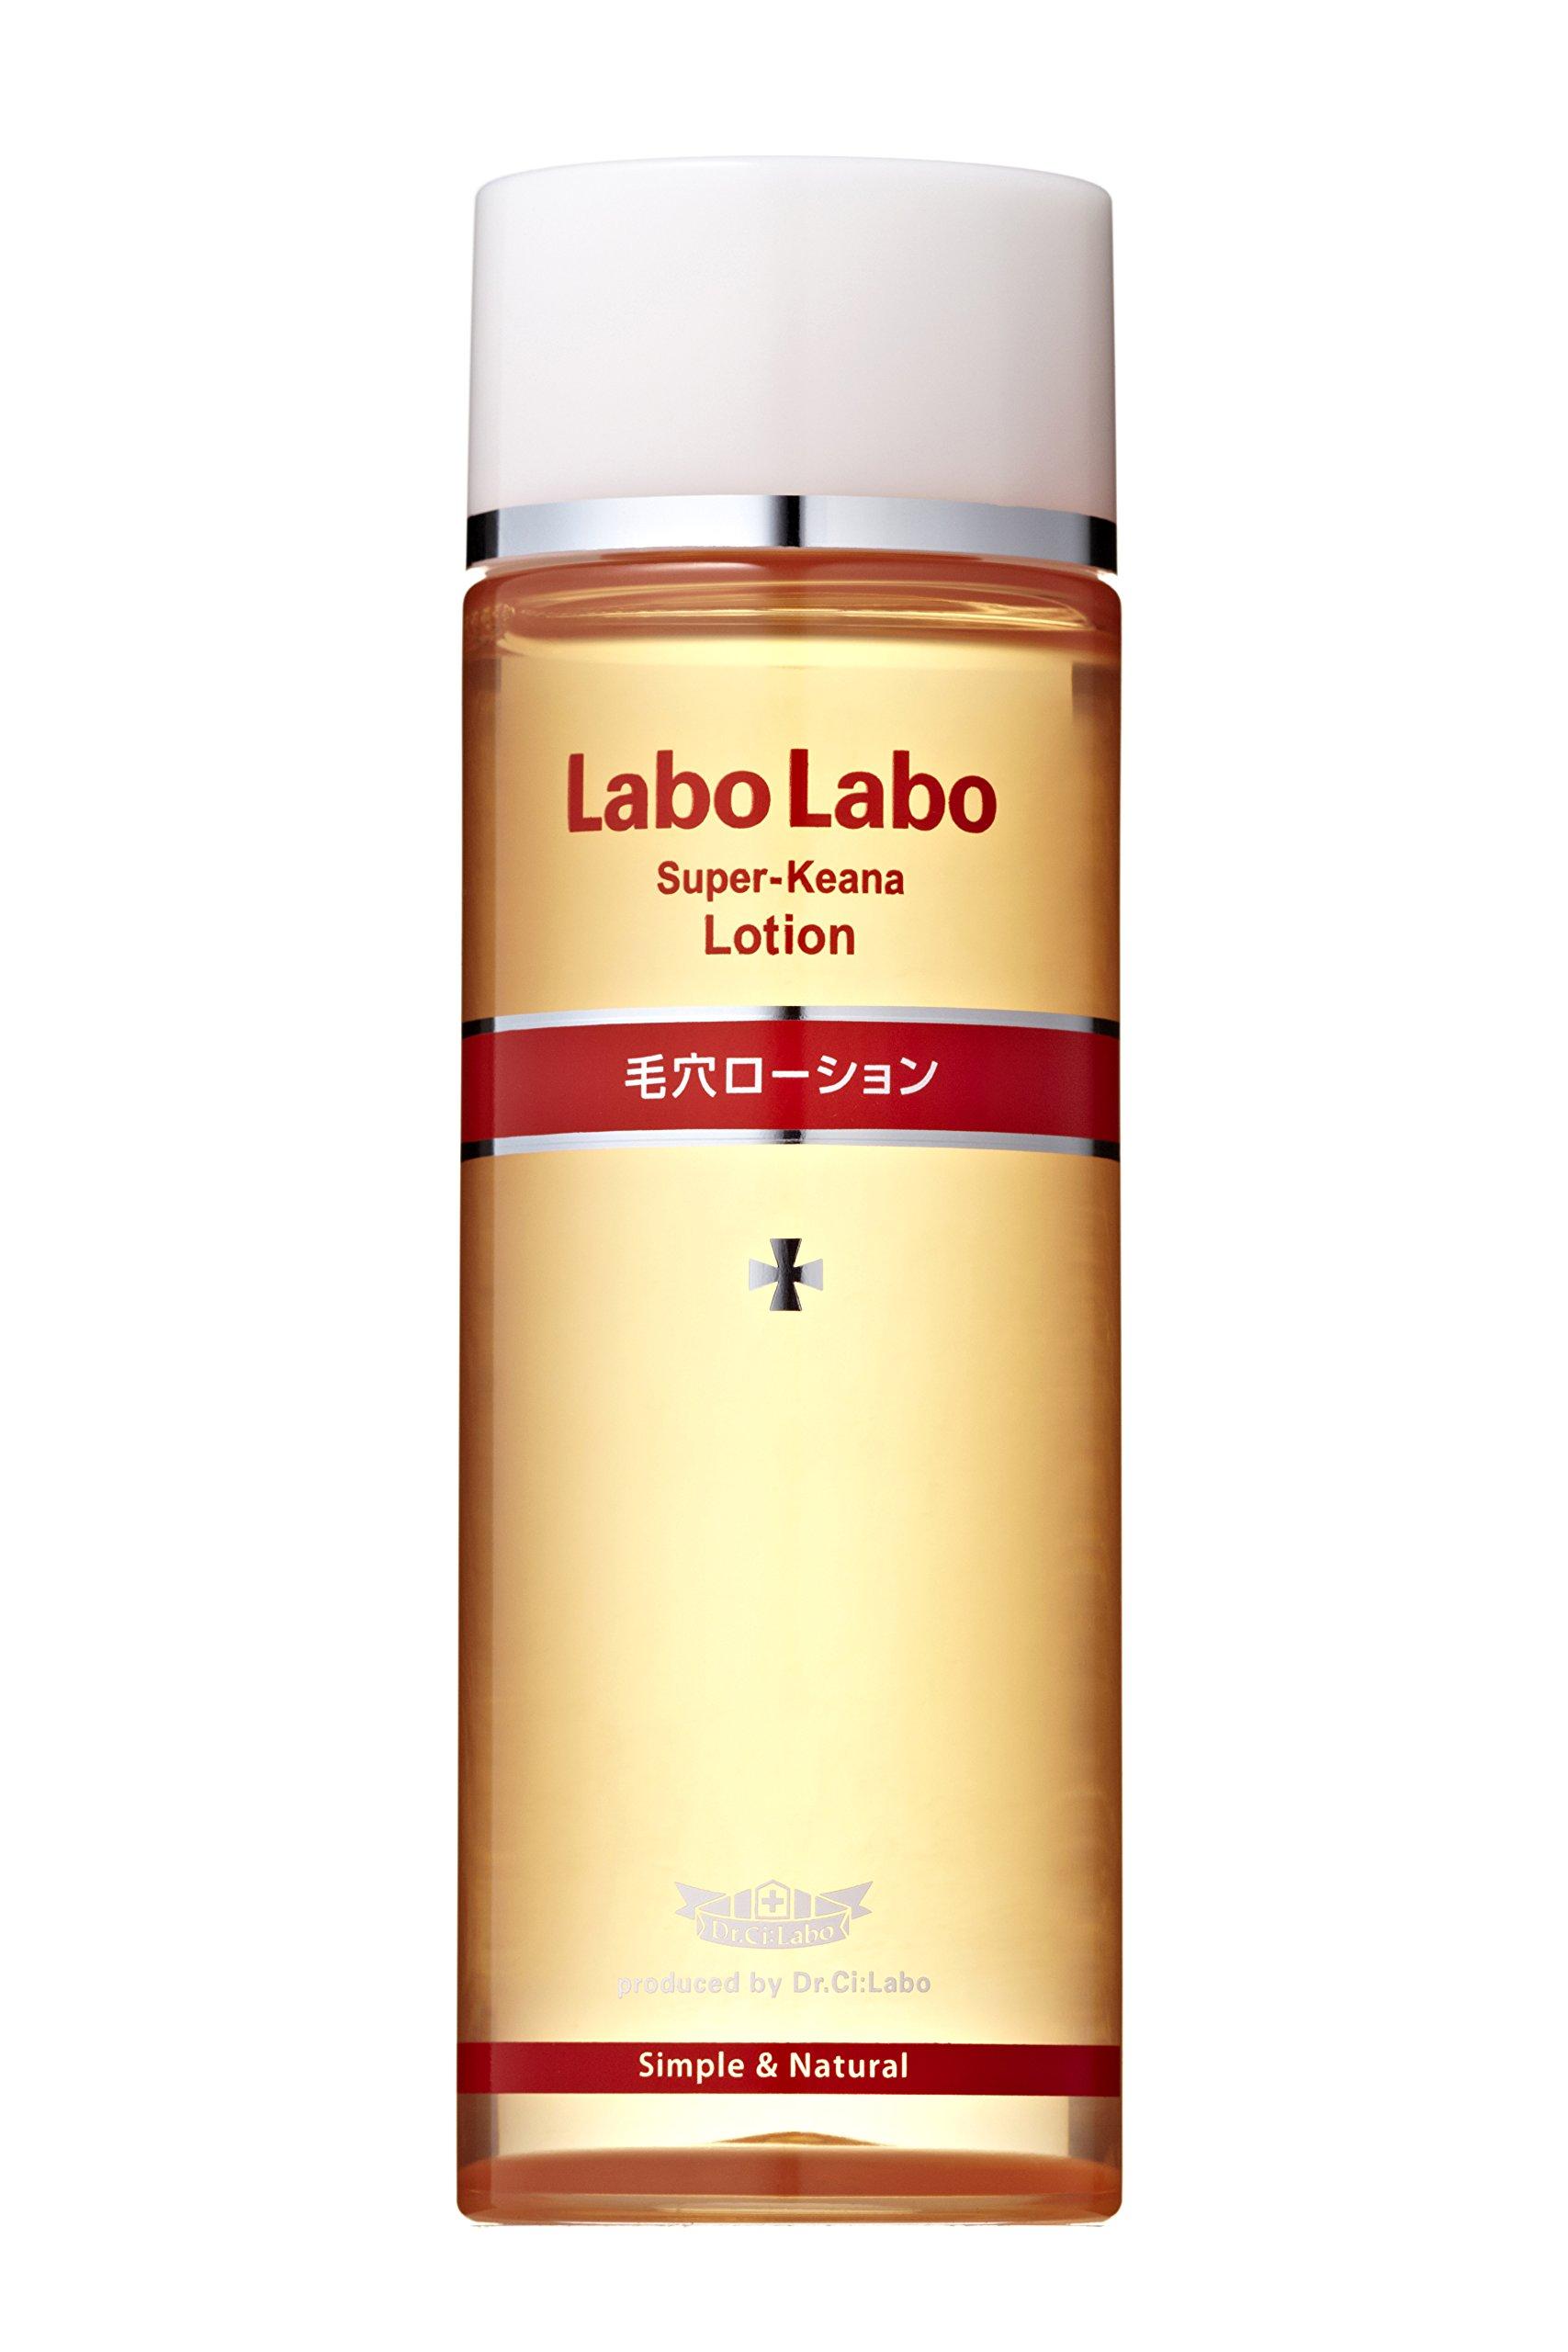 Labo Labo Super Pores Lotion, 200ml